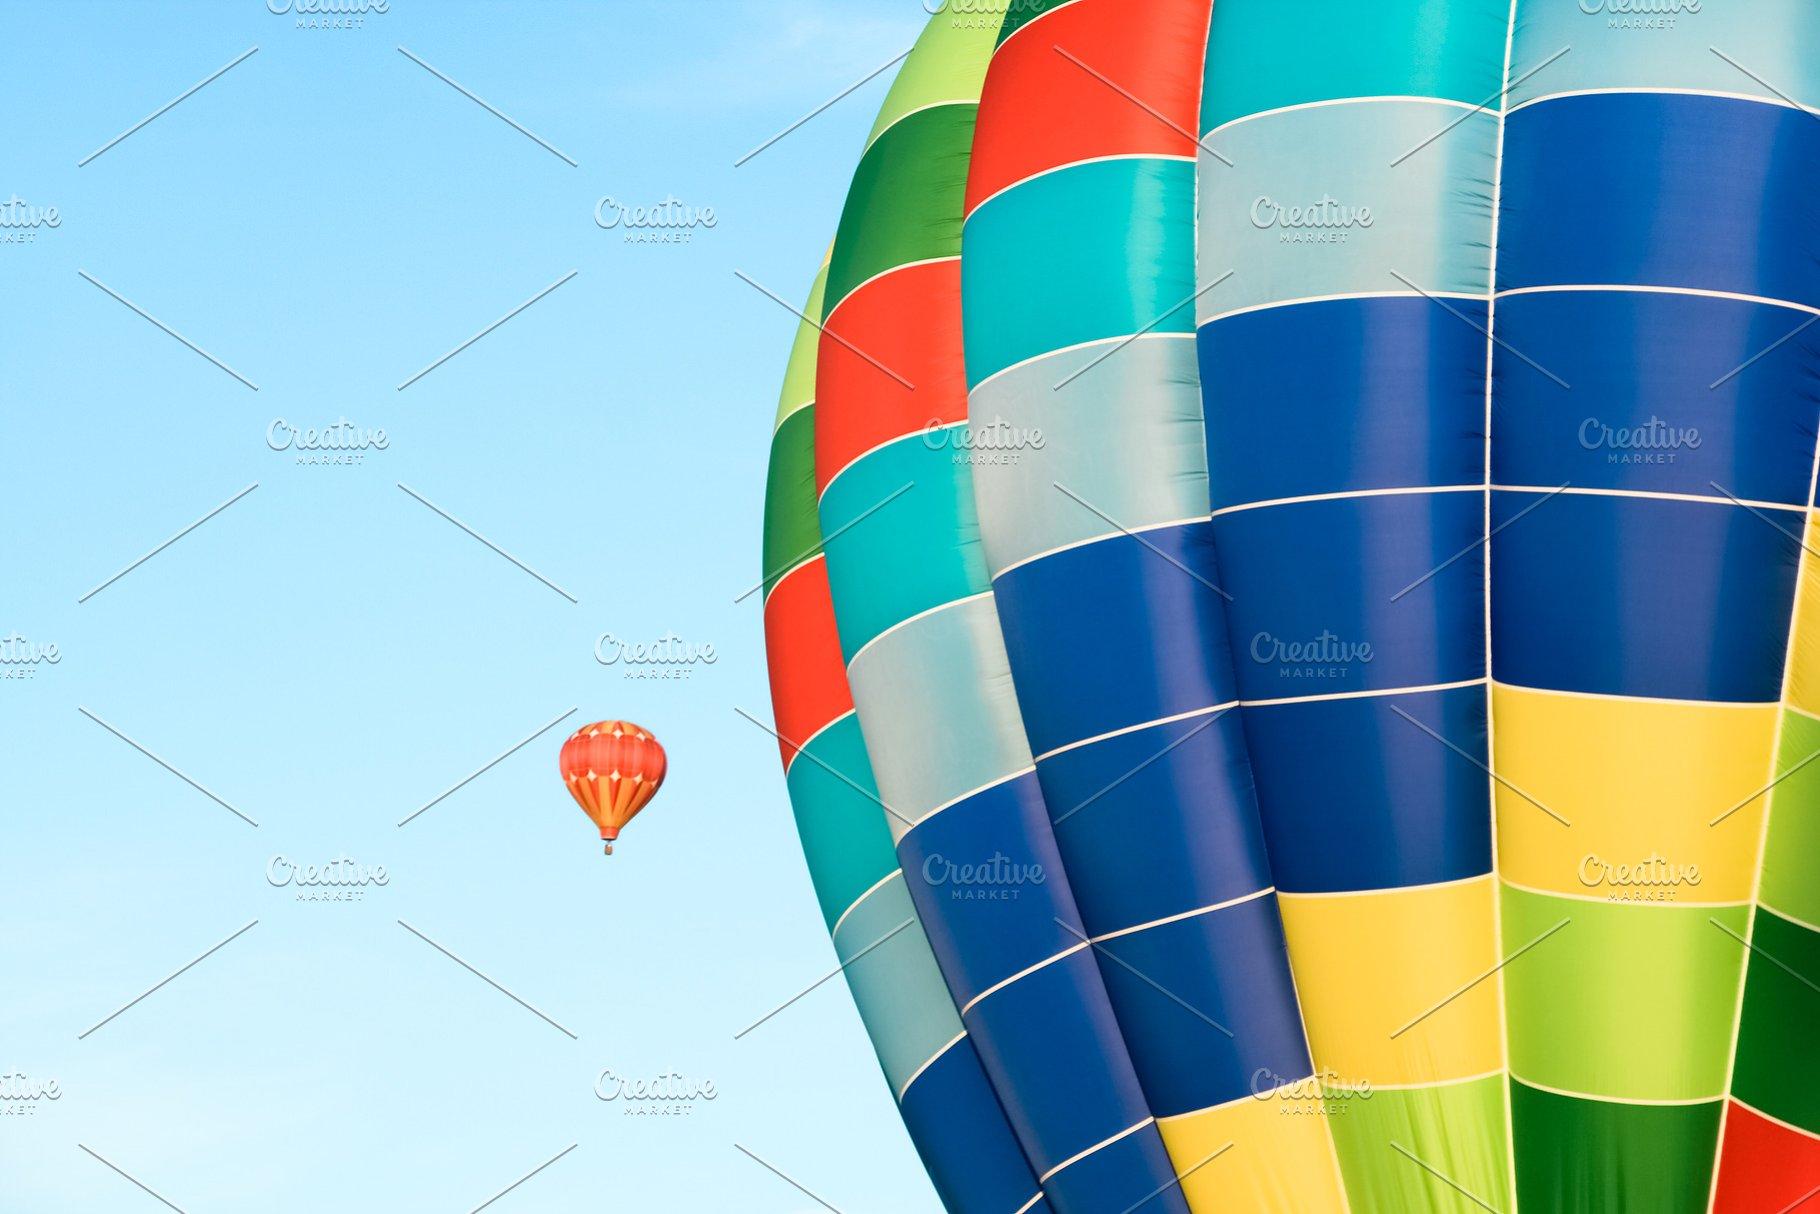 Big and small hot air balloons | High